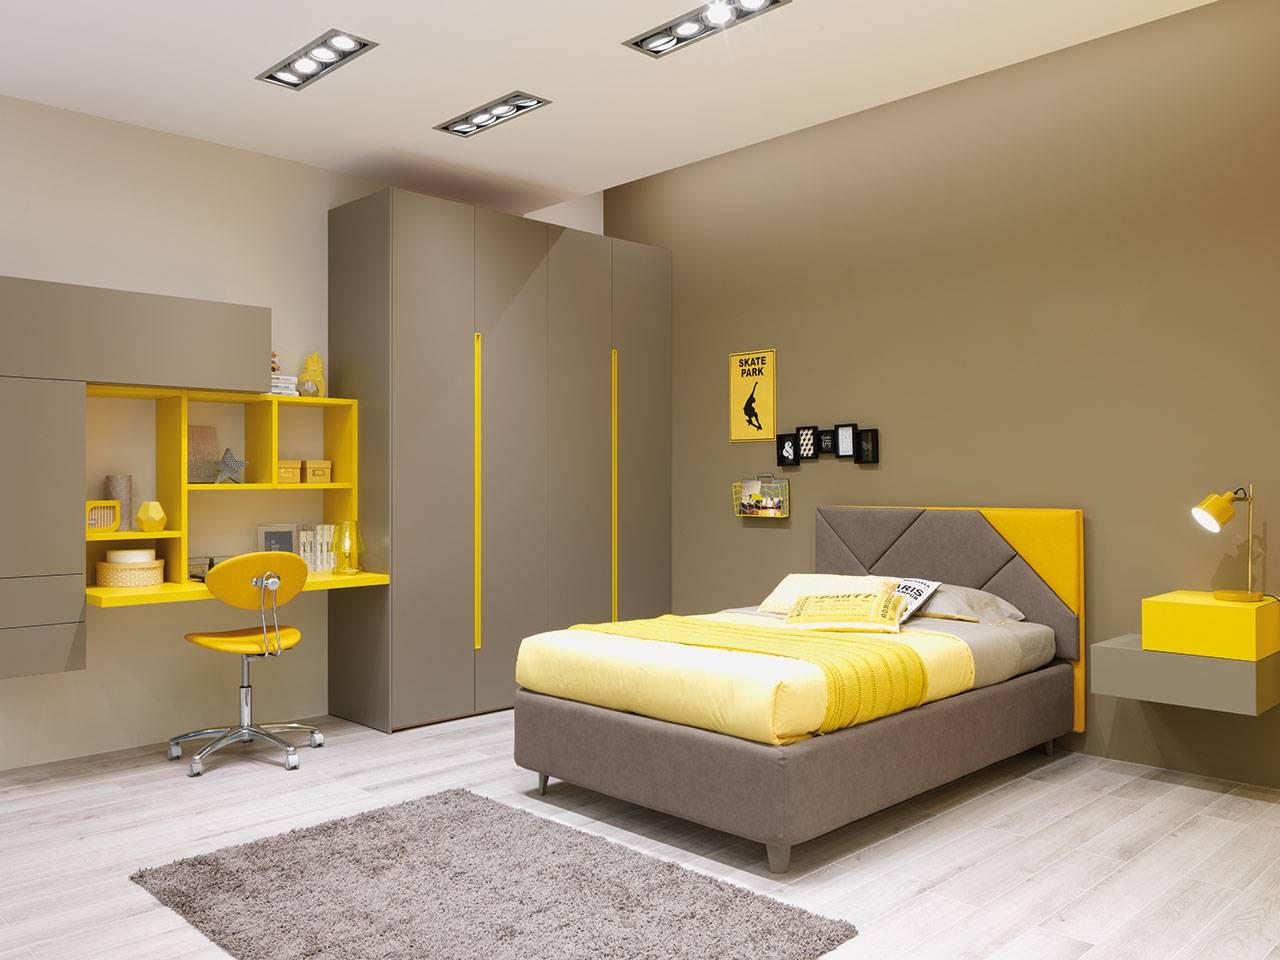 Le pi belle camerette per bambino idee per arredare con for Camera ragazzo